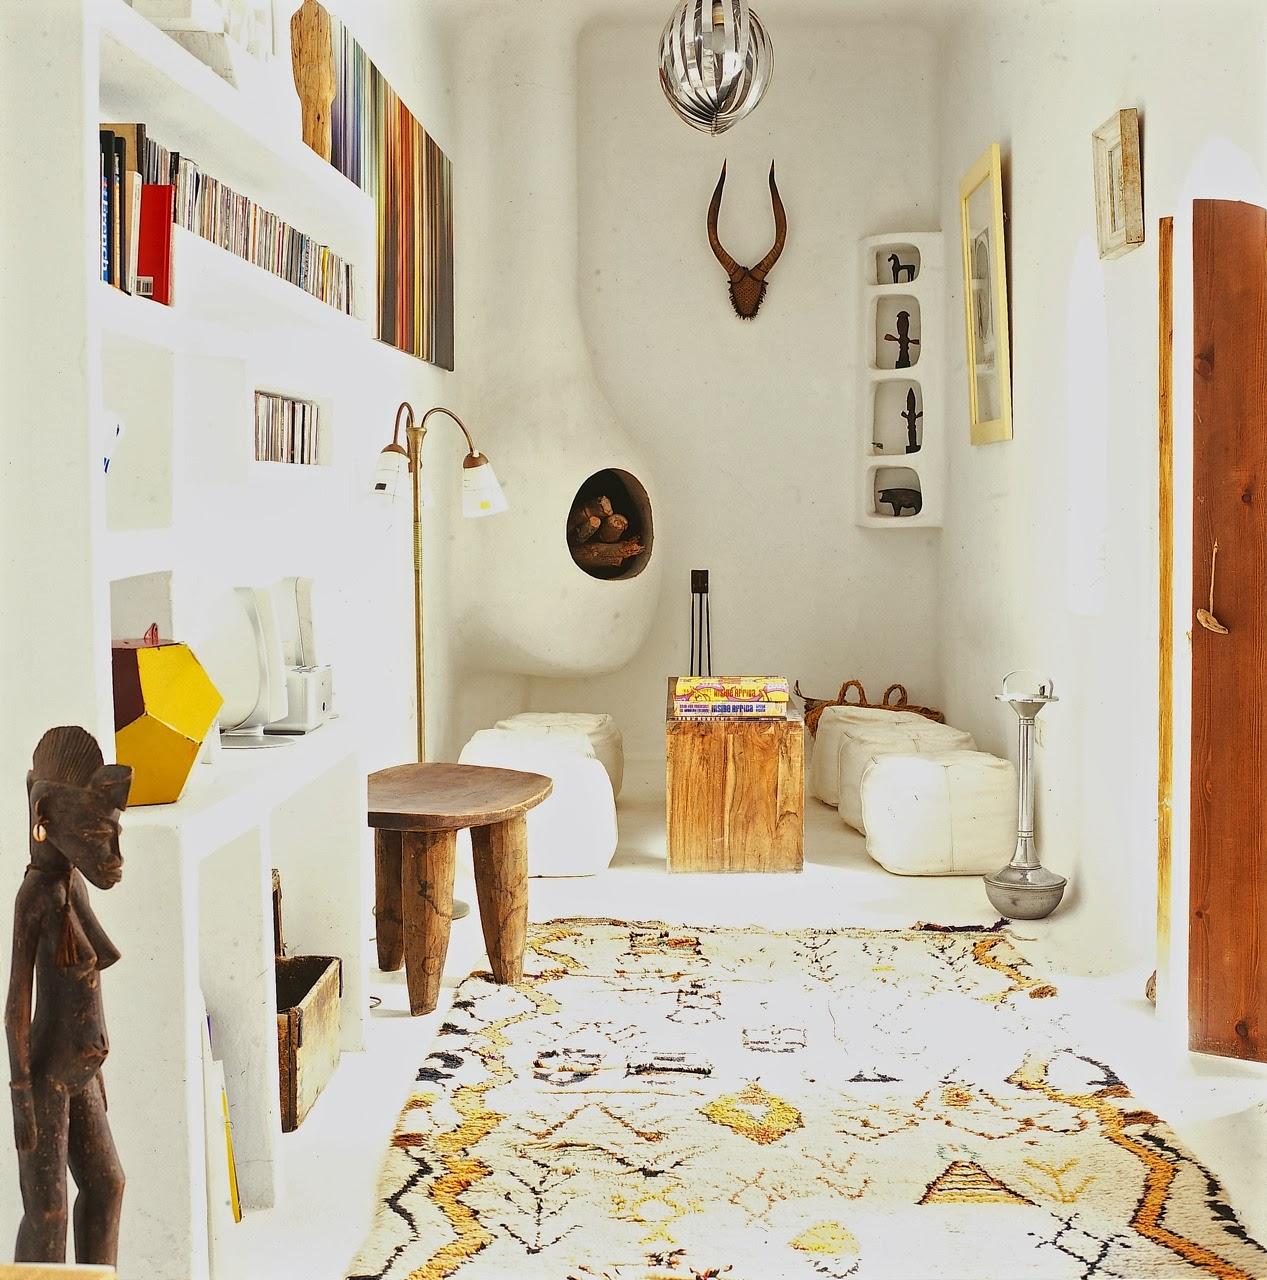 Choisir son nouveau mobilier de salon : moderne, rétro, vintage...